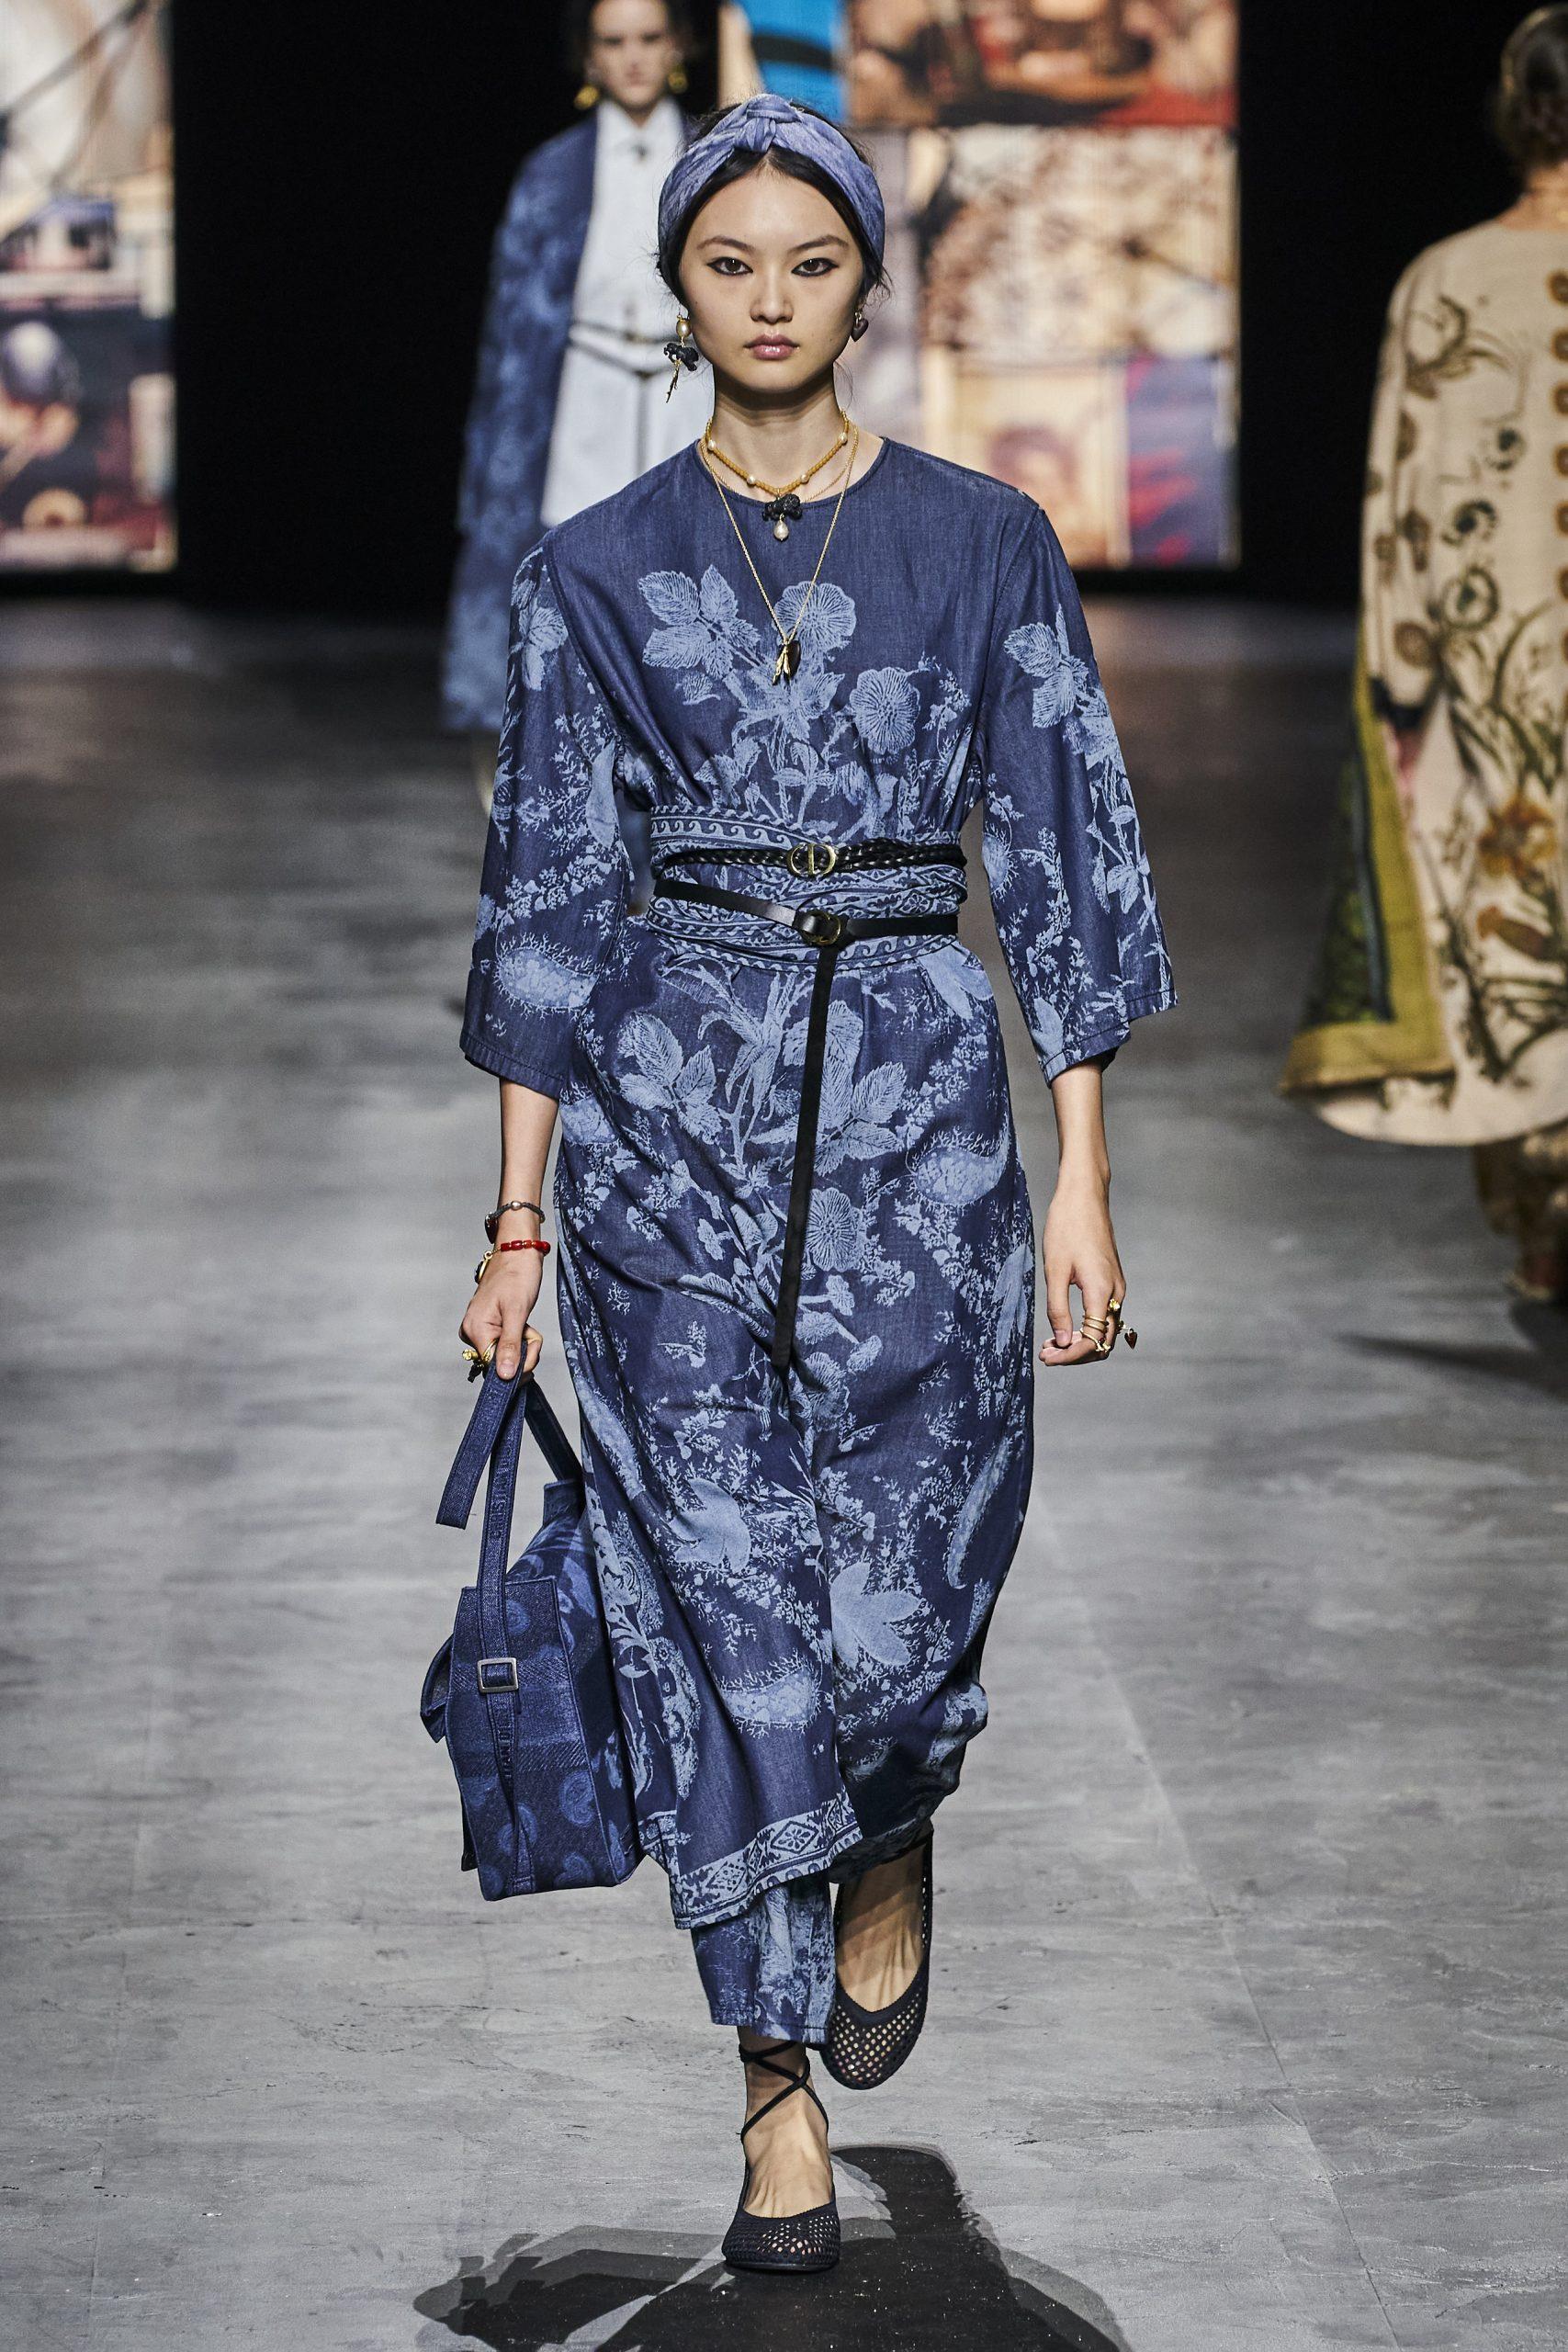 18. kép: Párizsi divathét - Christian Dior - 2021 tavasz-nyár - ready to wear